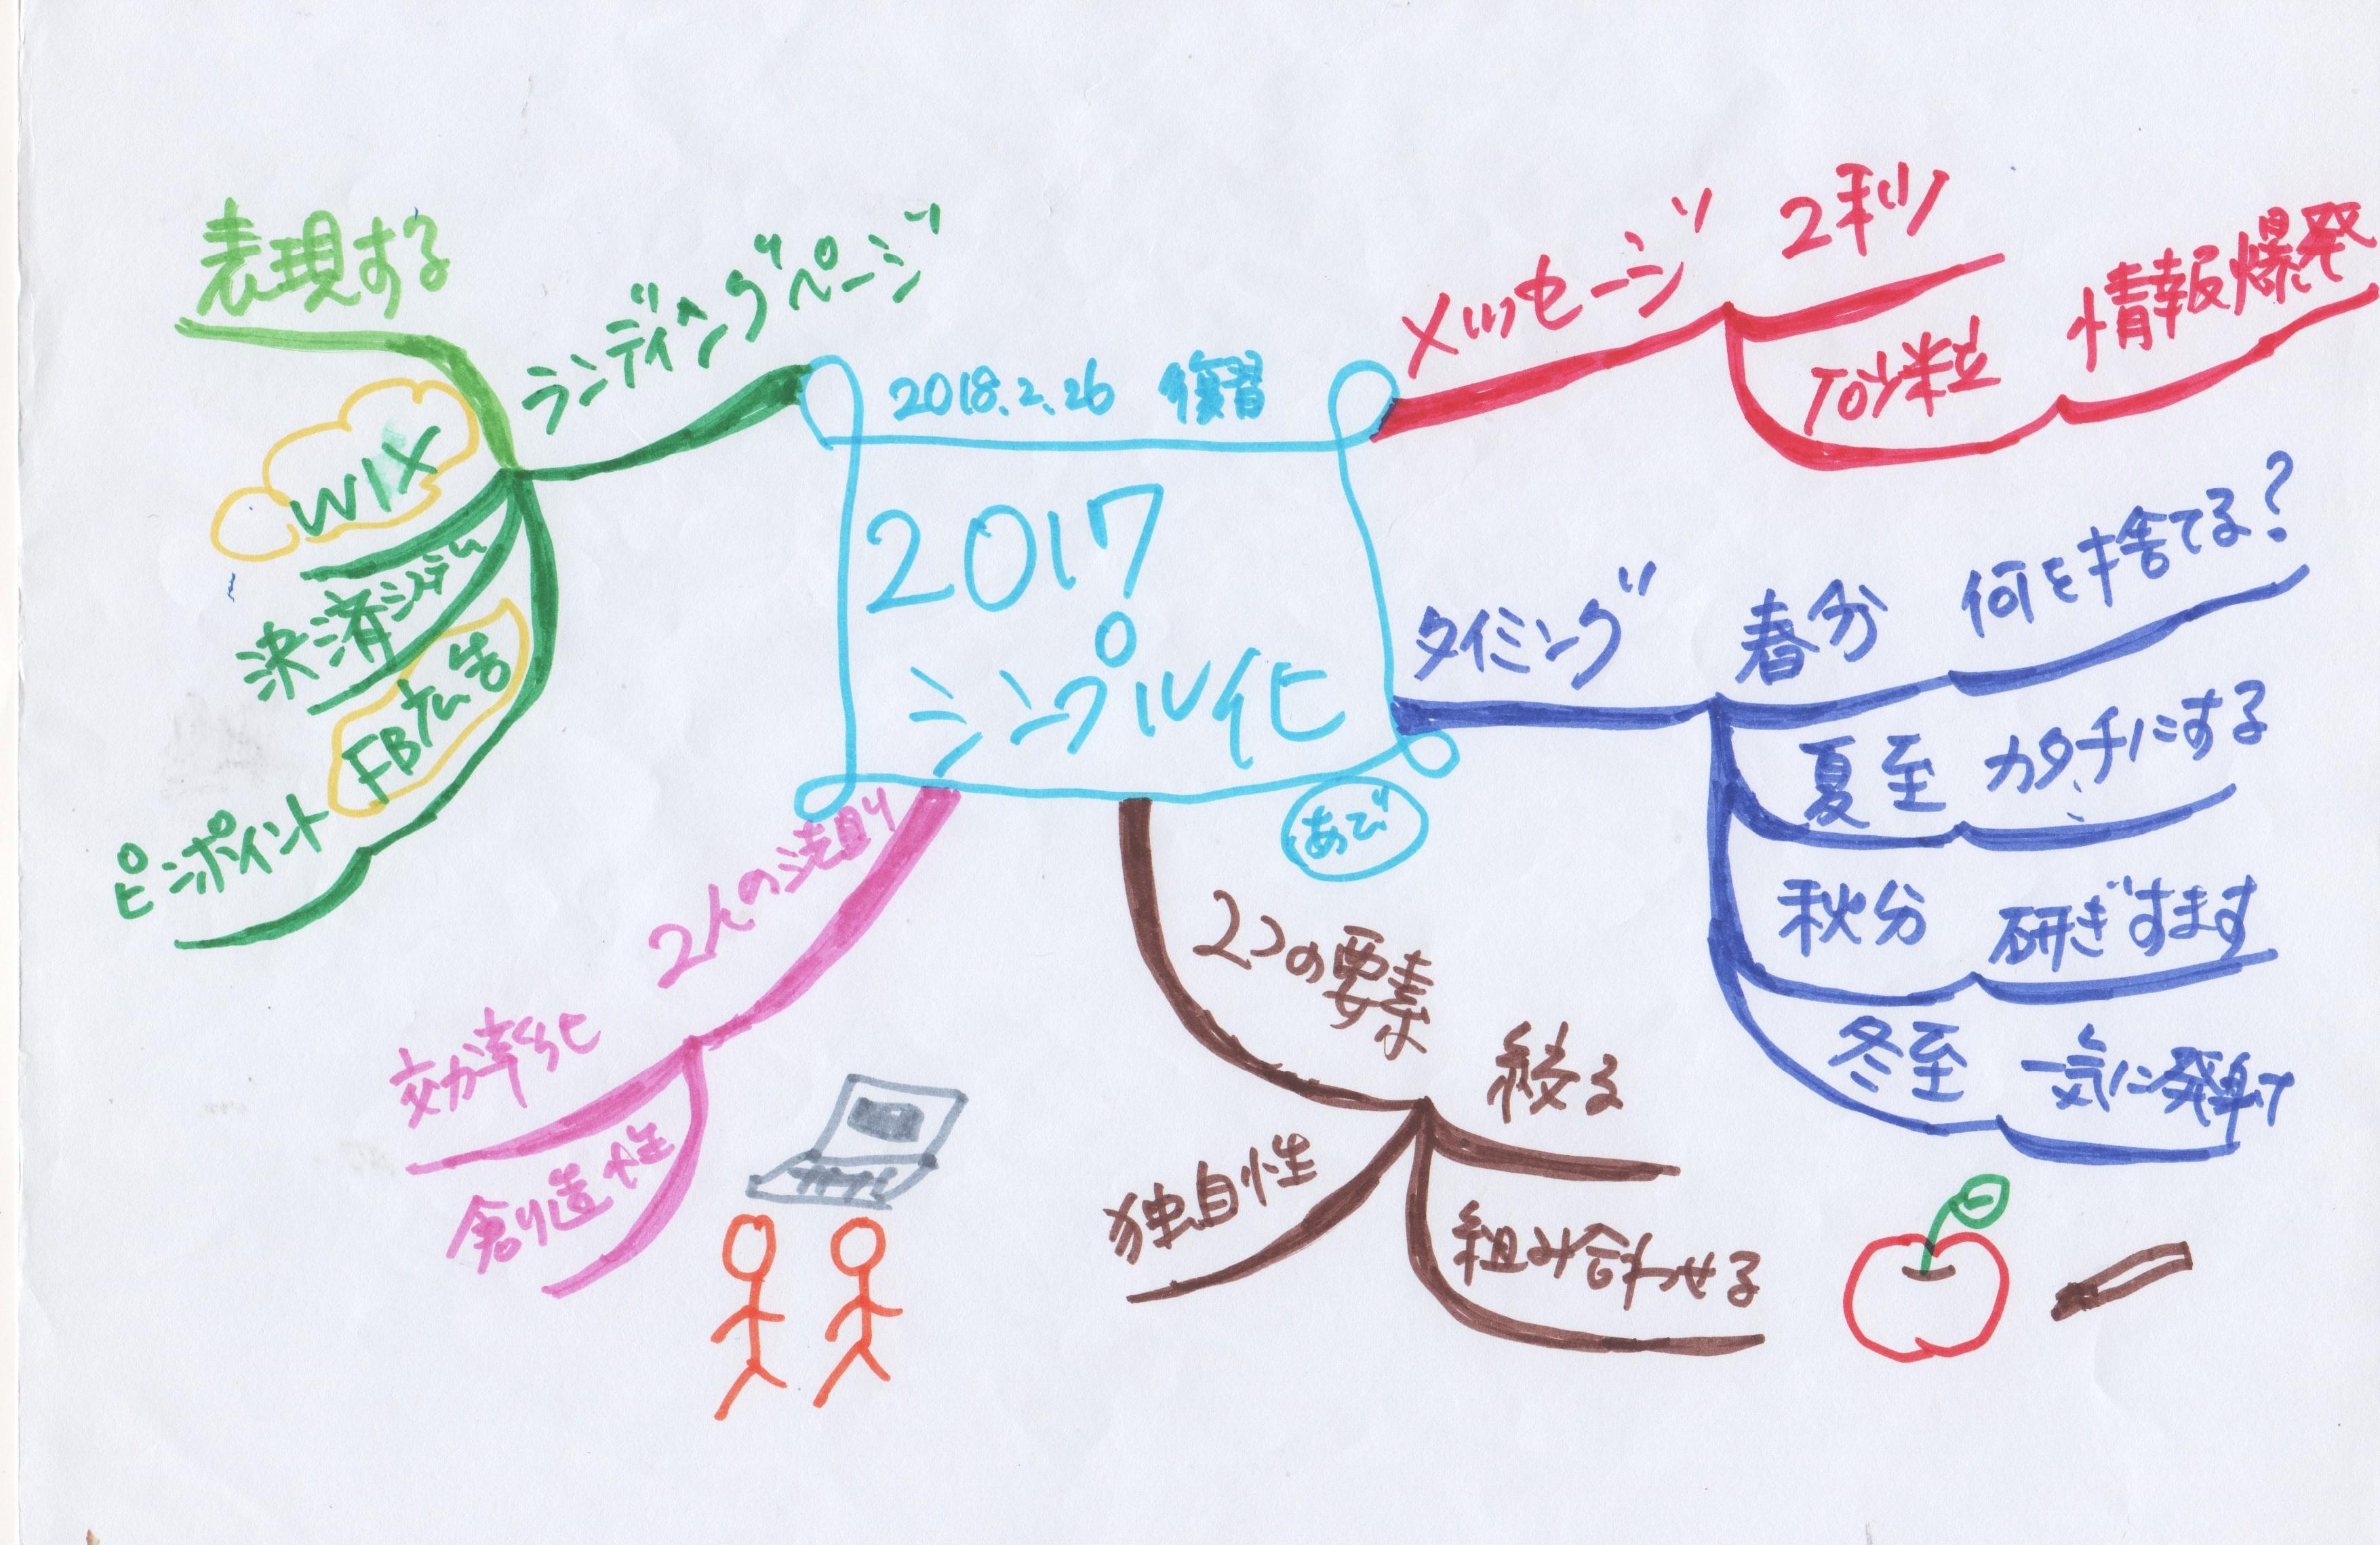 2017年神田昌典さん2022講演マインドマップ